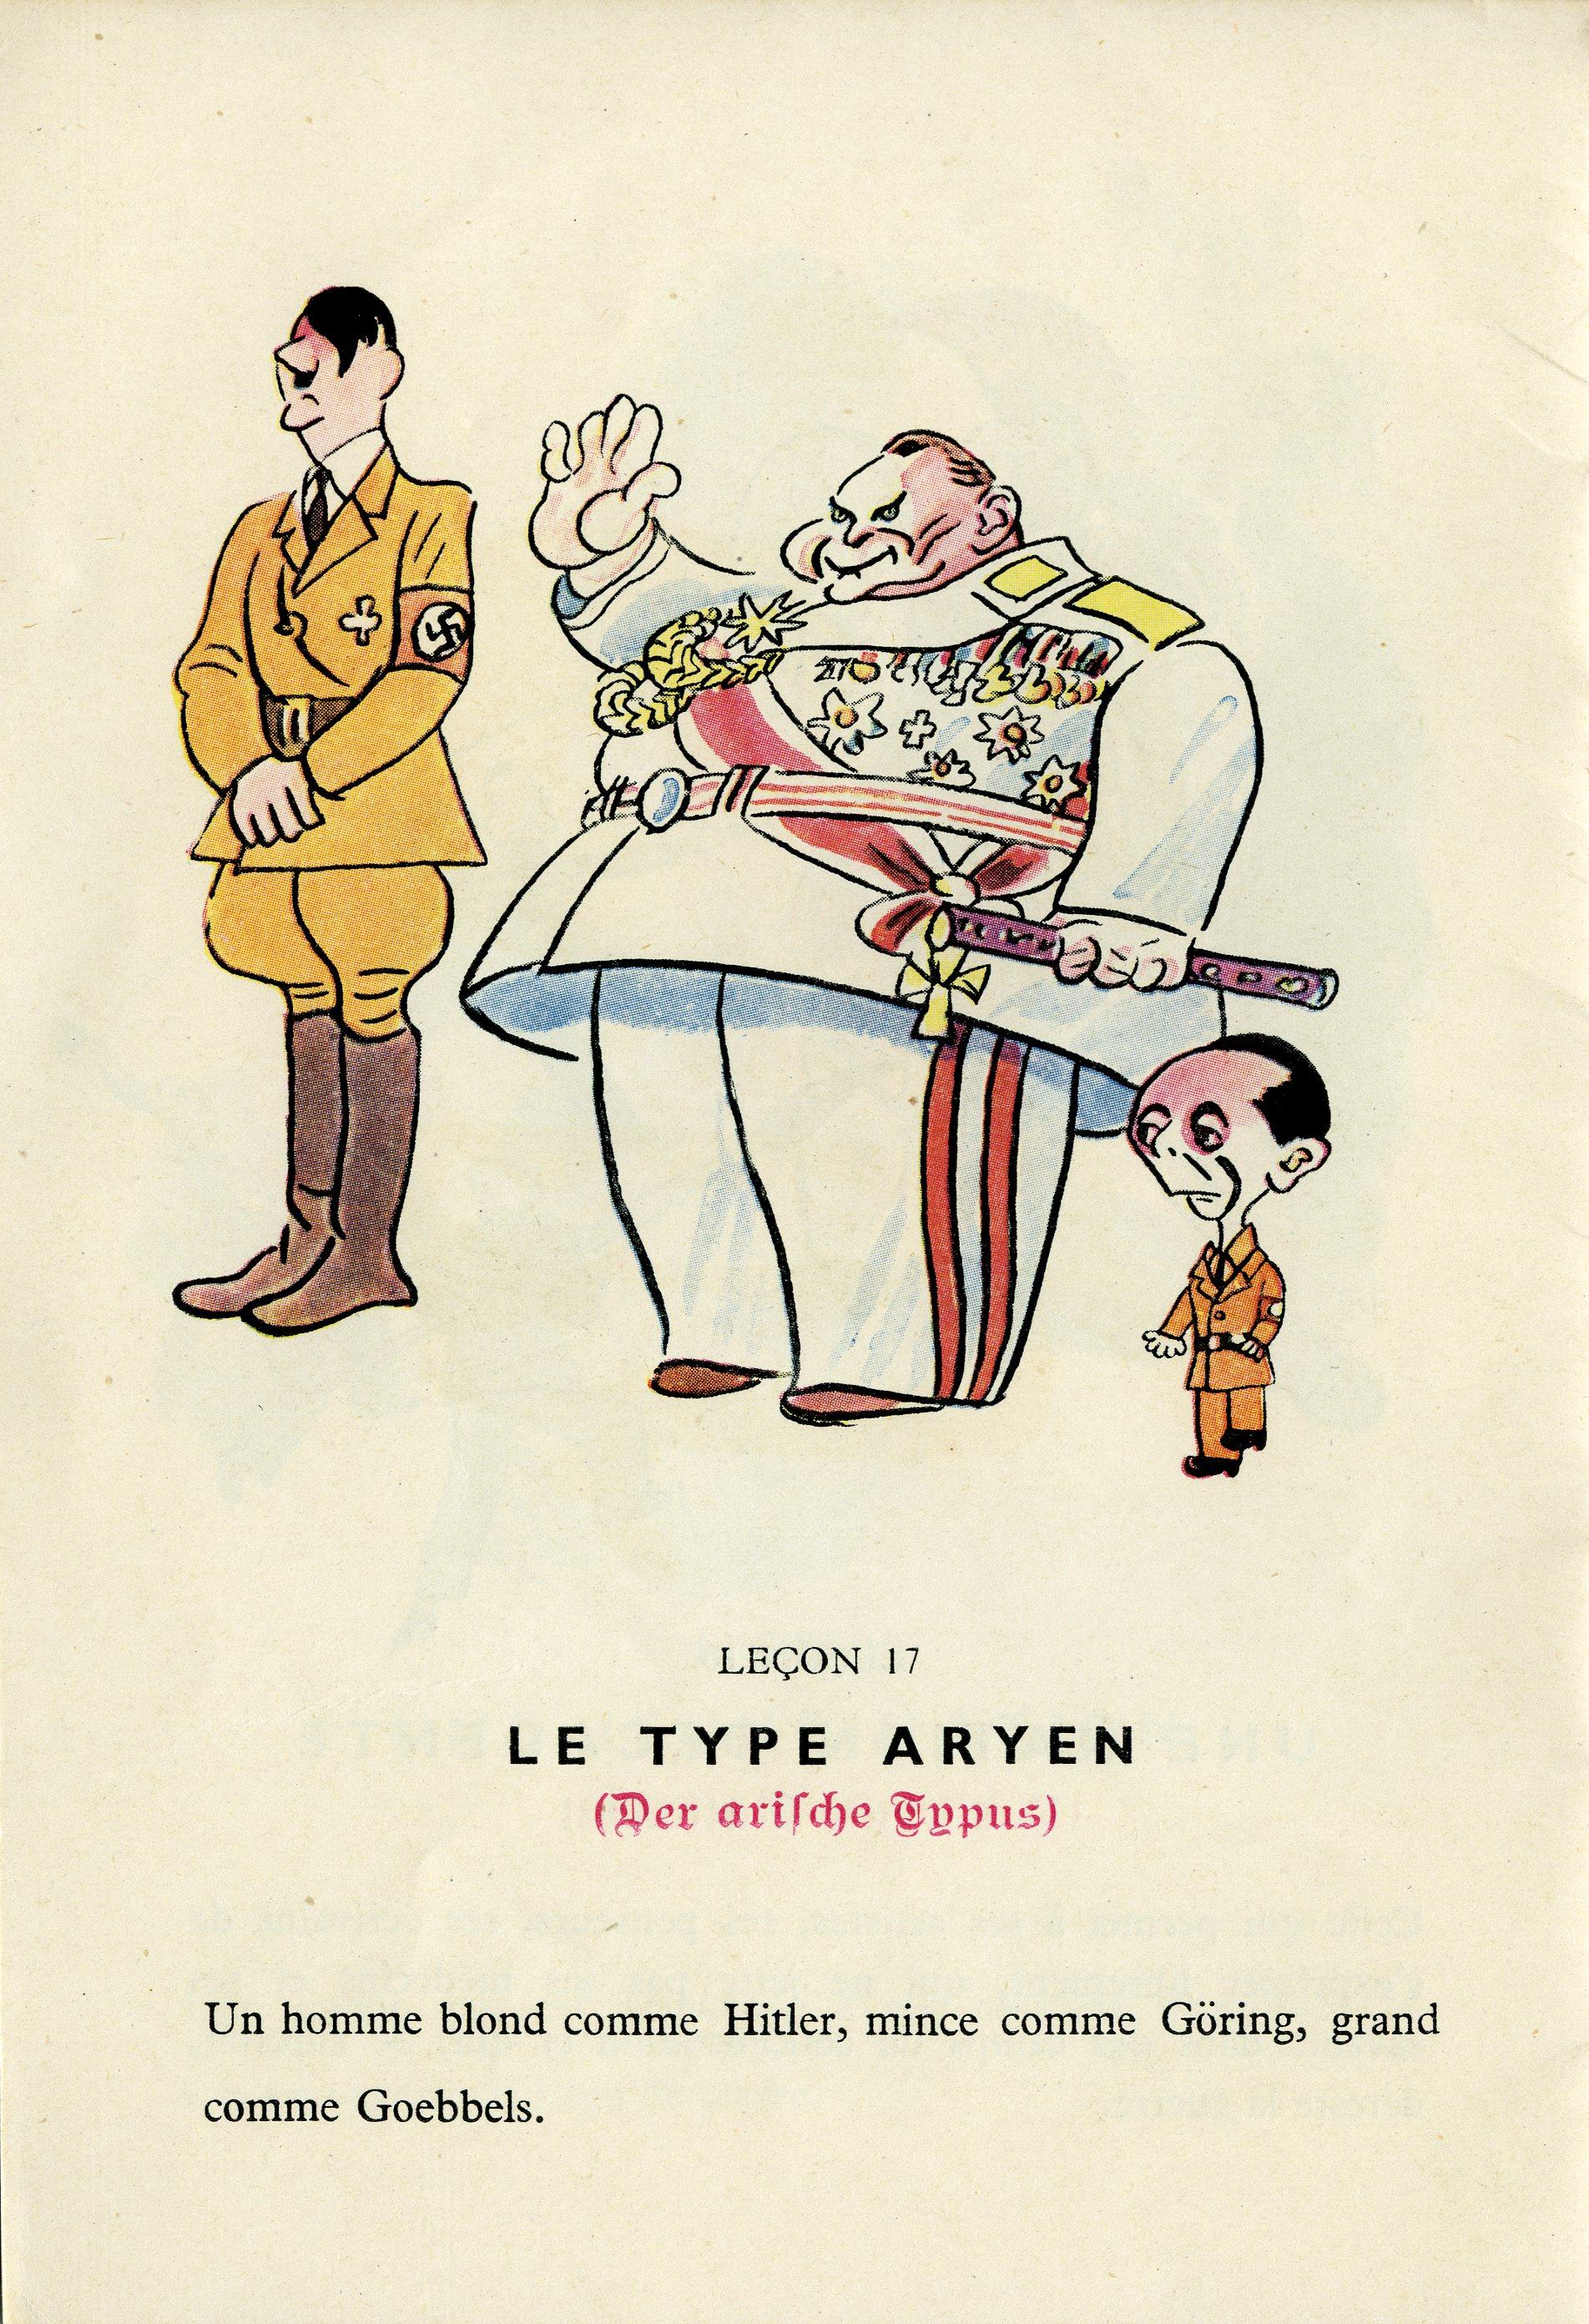 Vignetta francese, realizzata per contestare la politica razziale del nazismo. Il